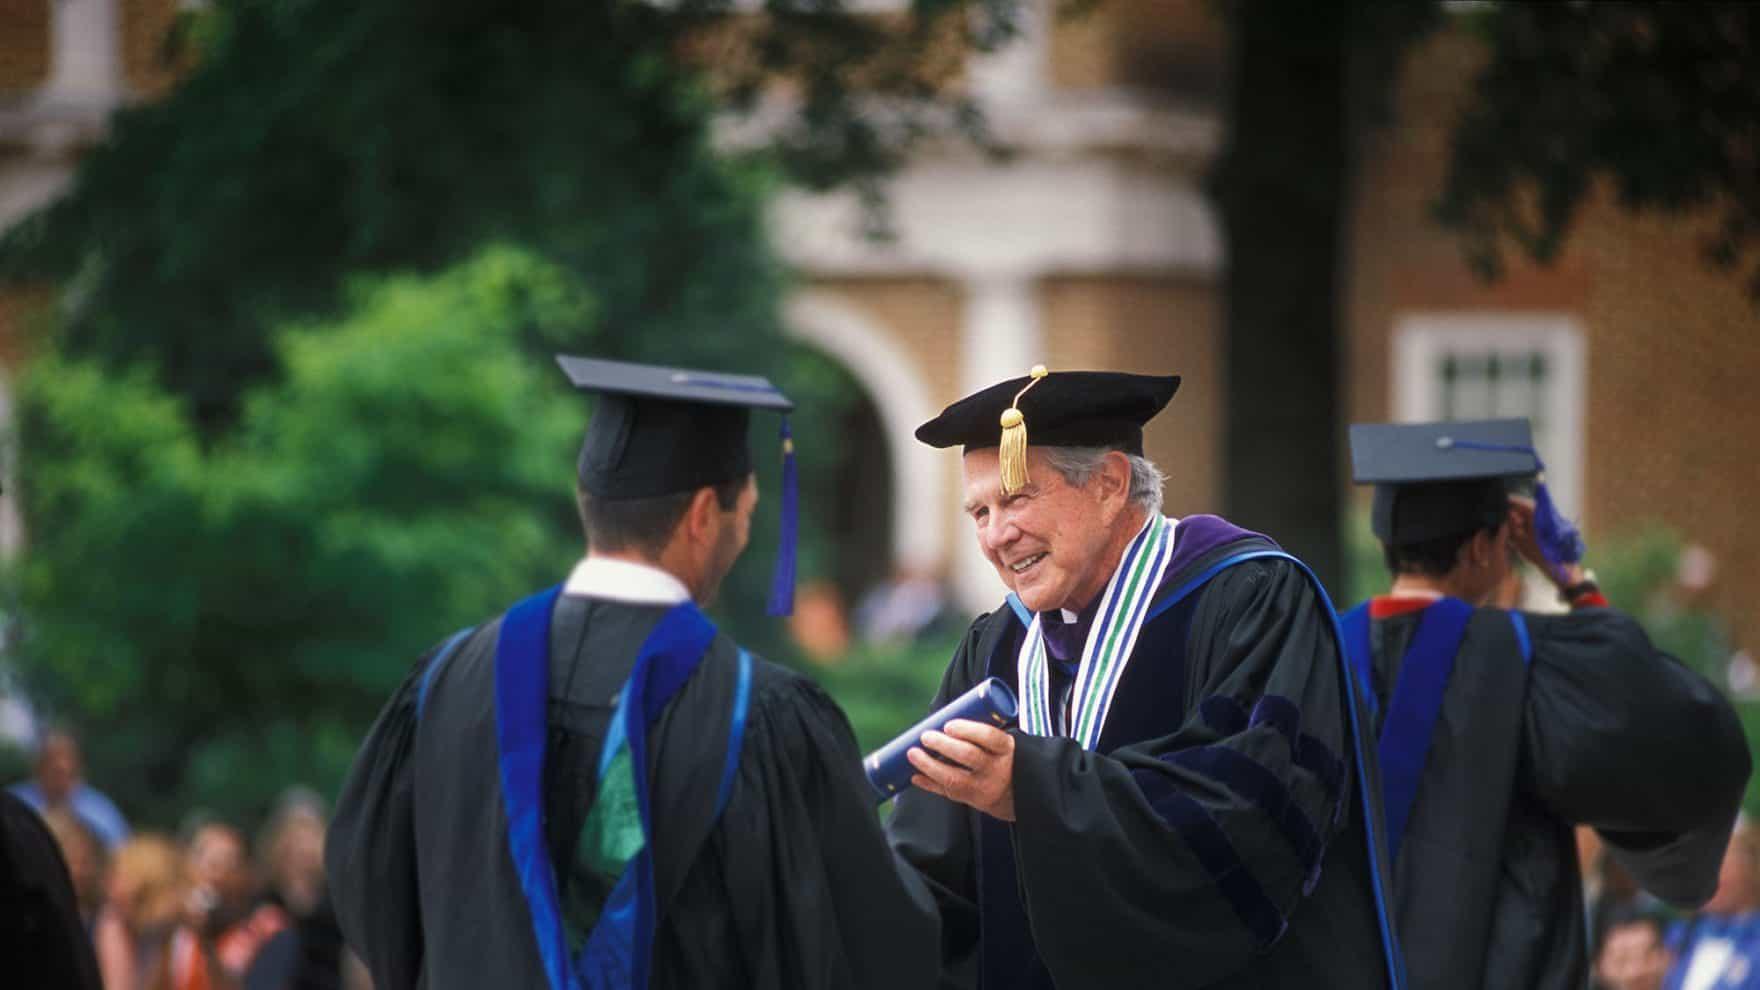 Pat Robertson Regent University in Virginia